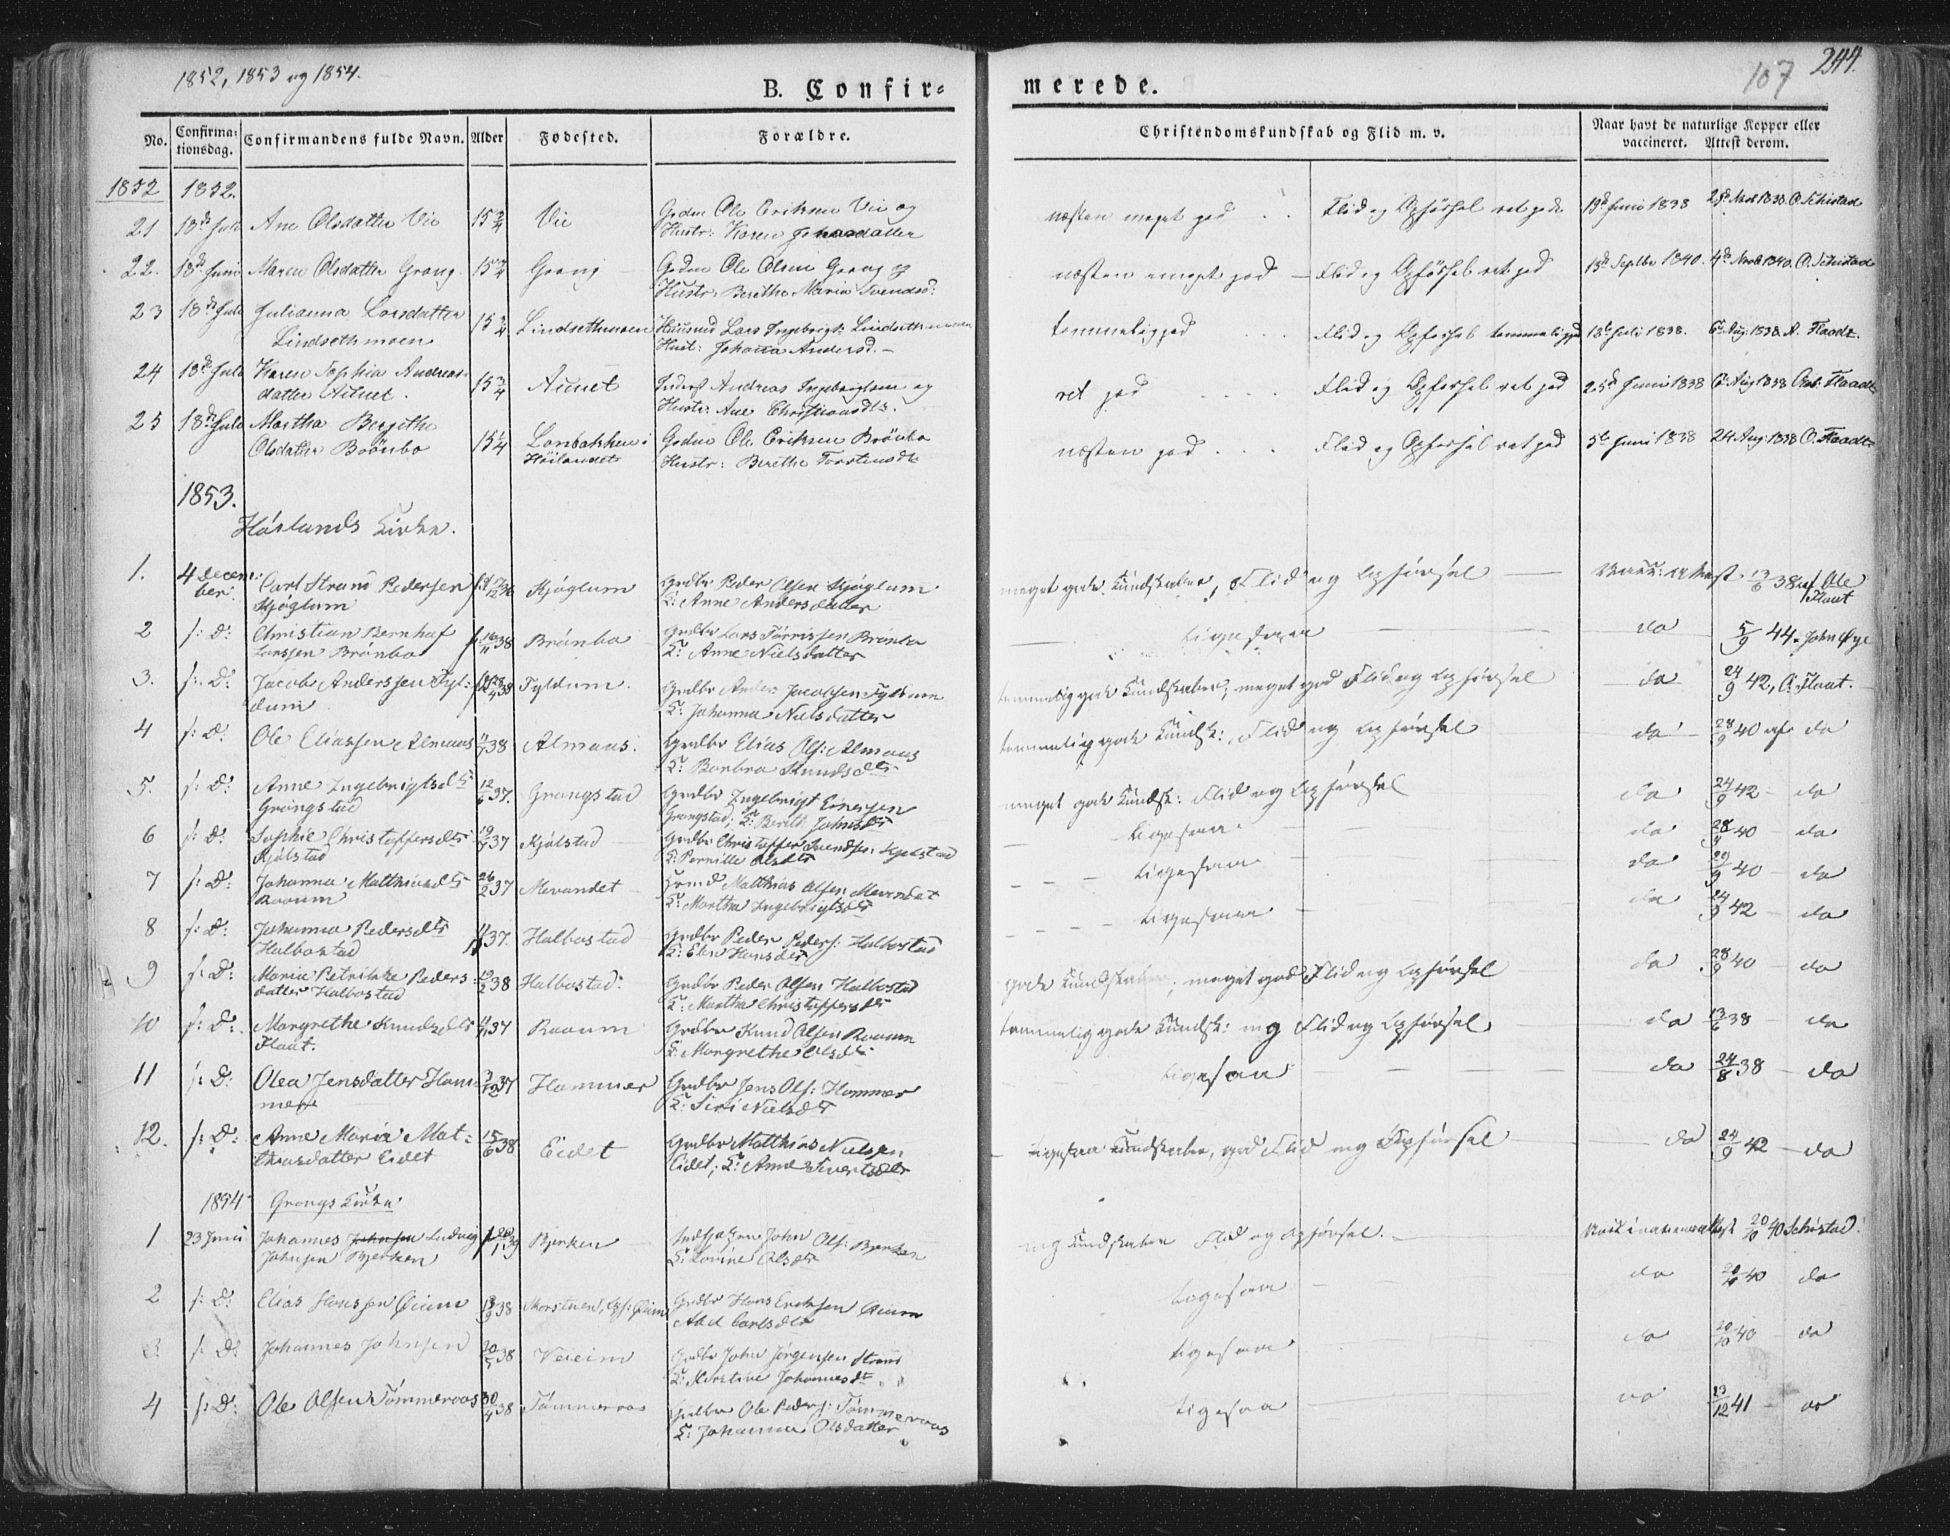 SAT, Ministerialprotokoller, klokkerbøker og fødselsregistre - Nord-Trøndelag, 758/L0513: Ministerialbok nr. 758A02 /1, 1839-1868, s. 107